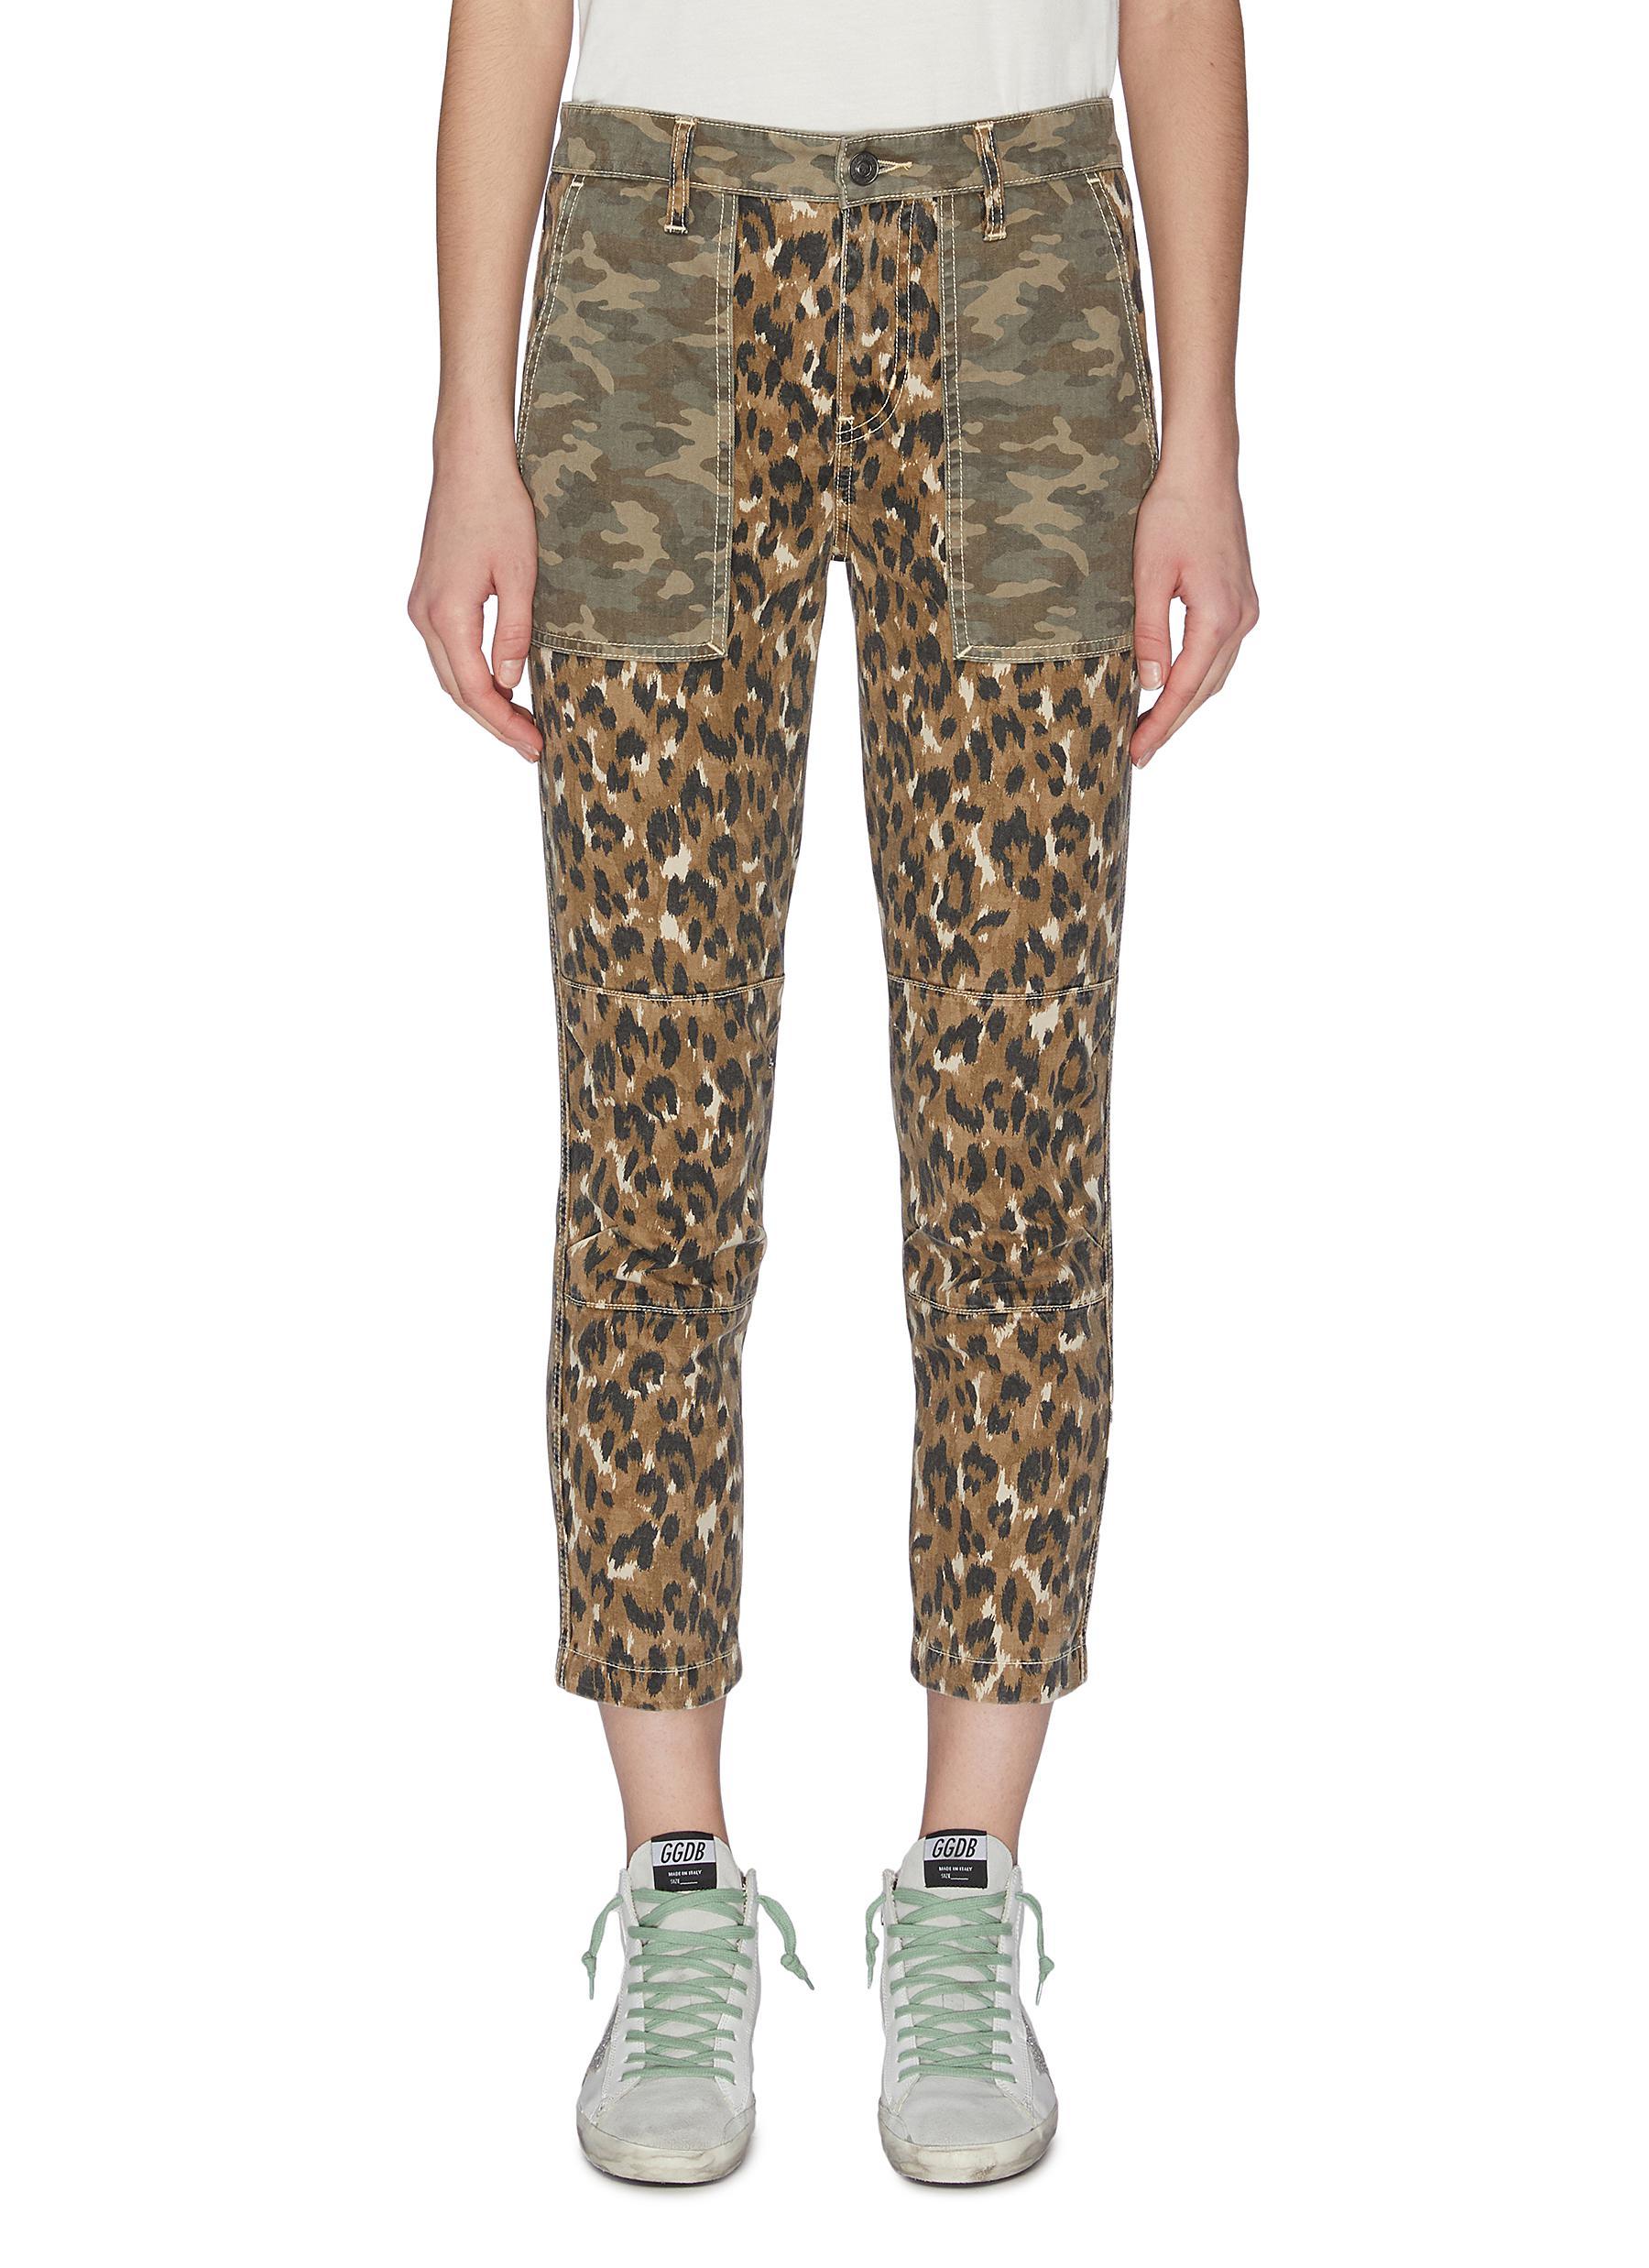 Buy Current/Elliott Jeans 'The Clean Weslan' Leopard Print Pants